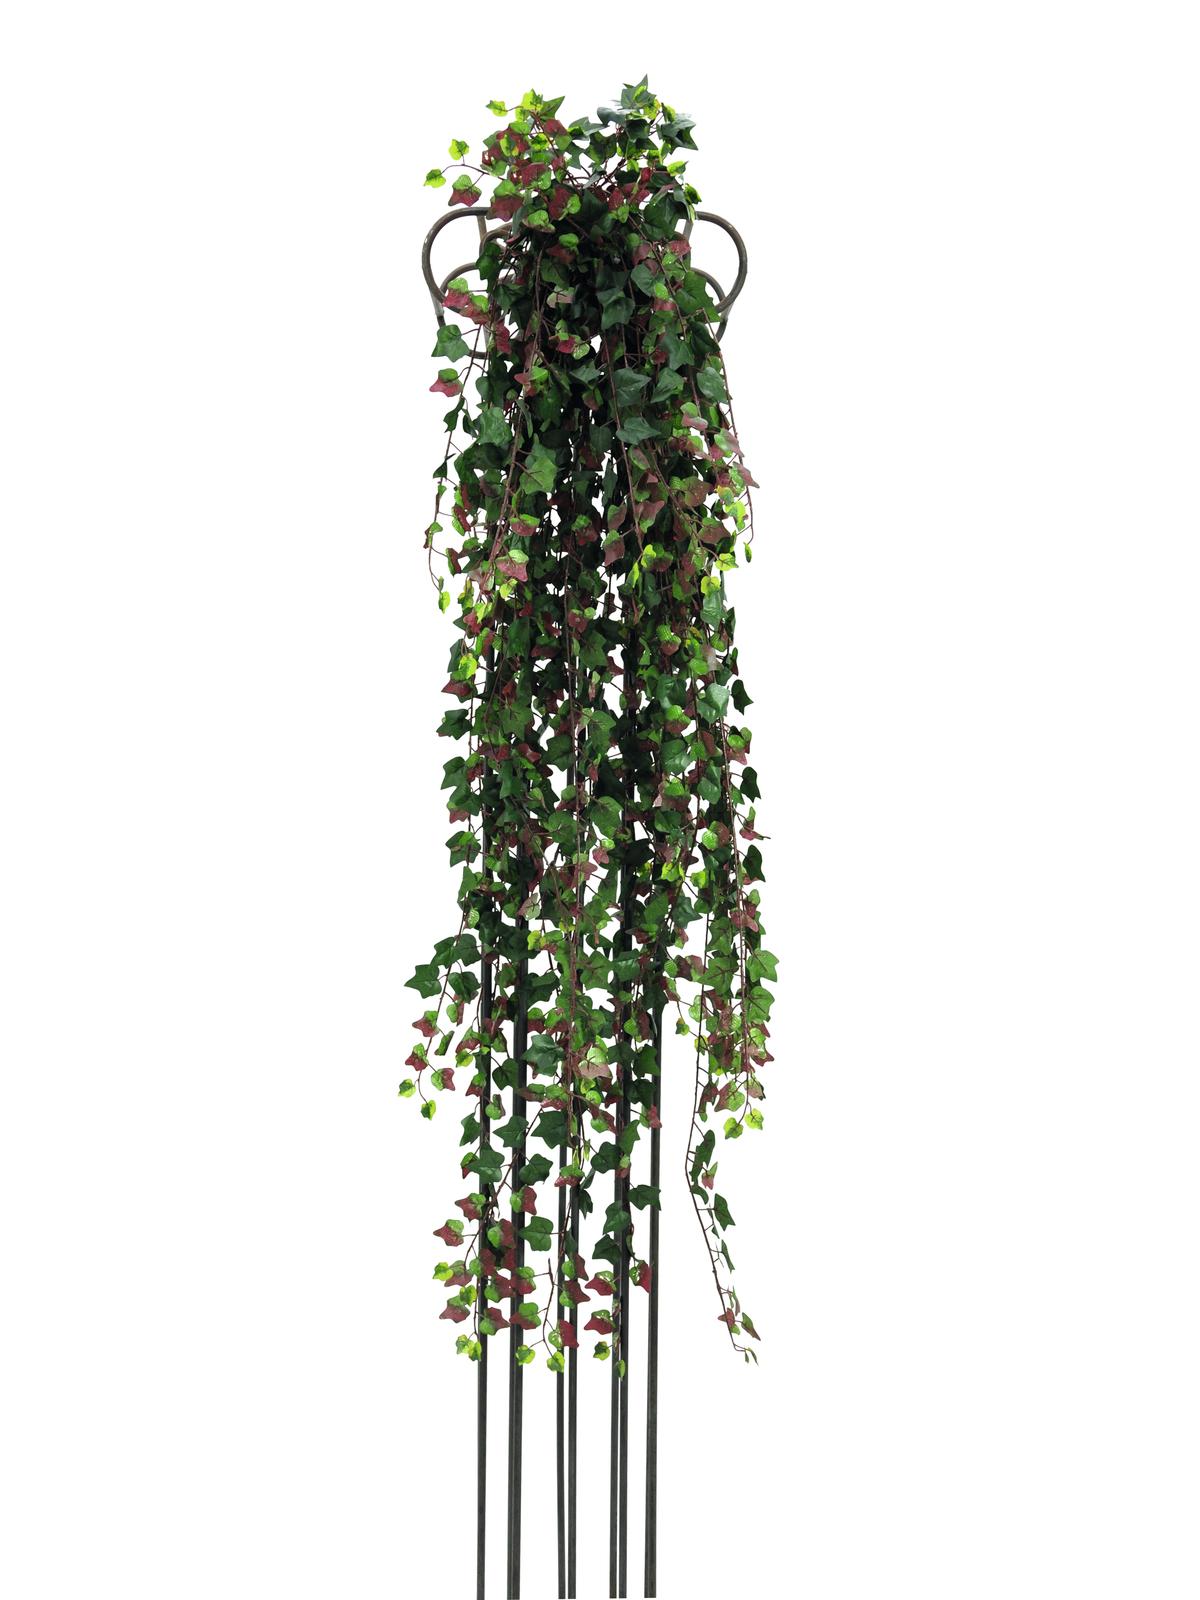 EUROPALMS Efeubuschranke Deluxe, künstlich, grün-rot, 160cm